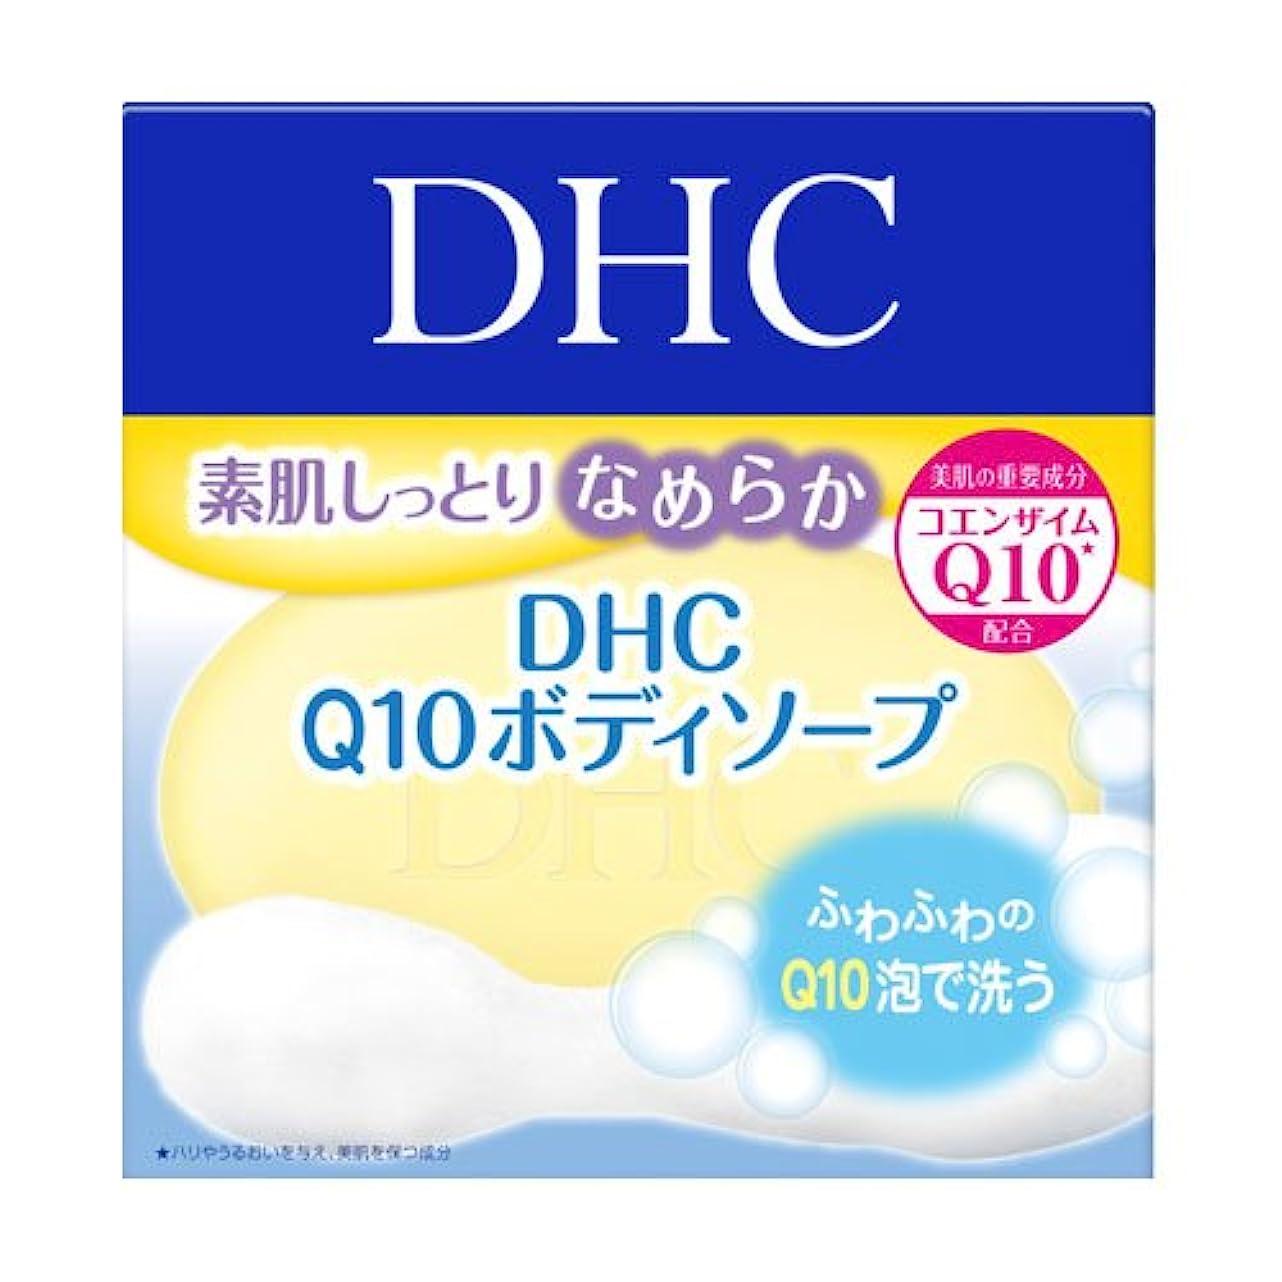 騒々しいシンジケート試してみるDHC Q10ボディソープ SS 120G